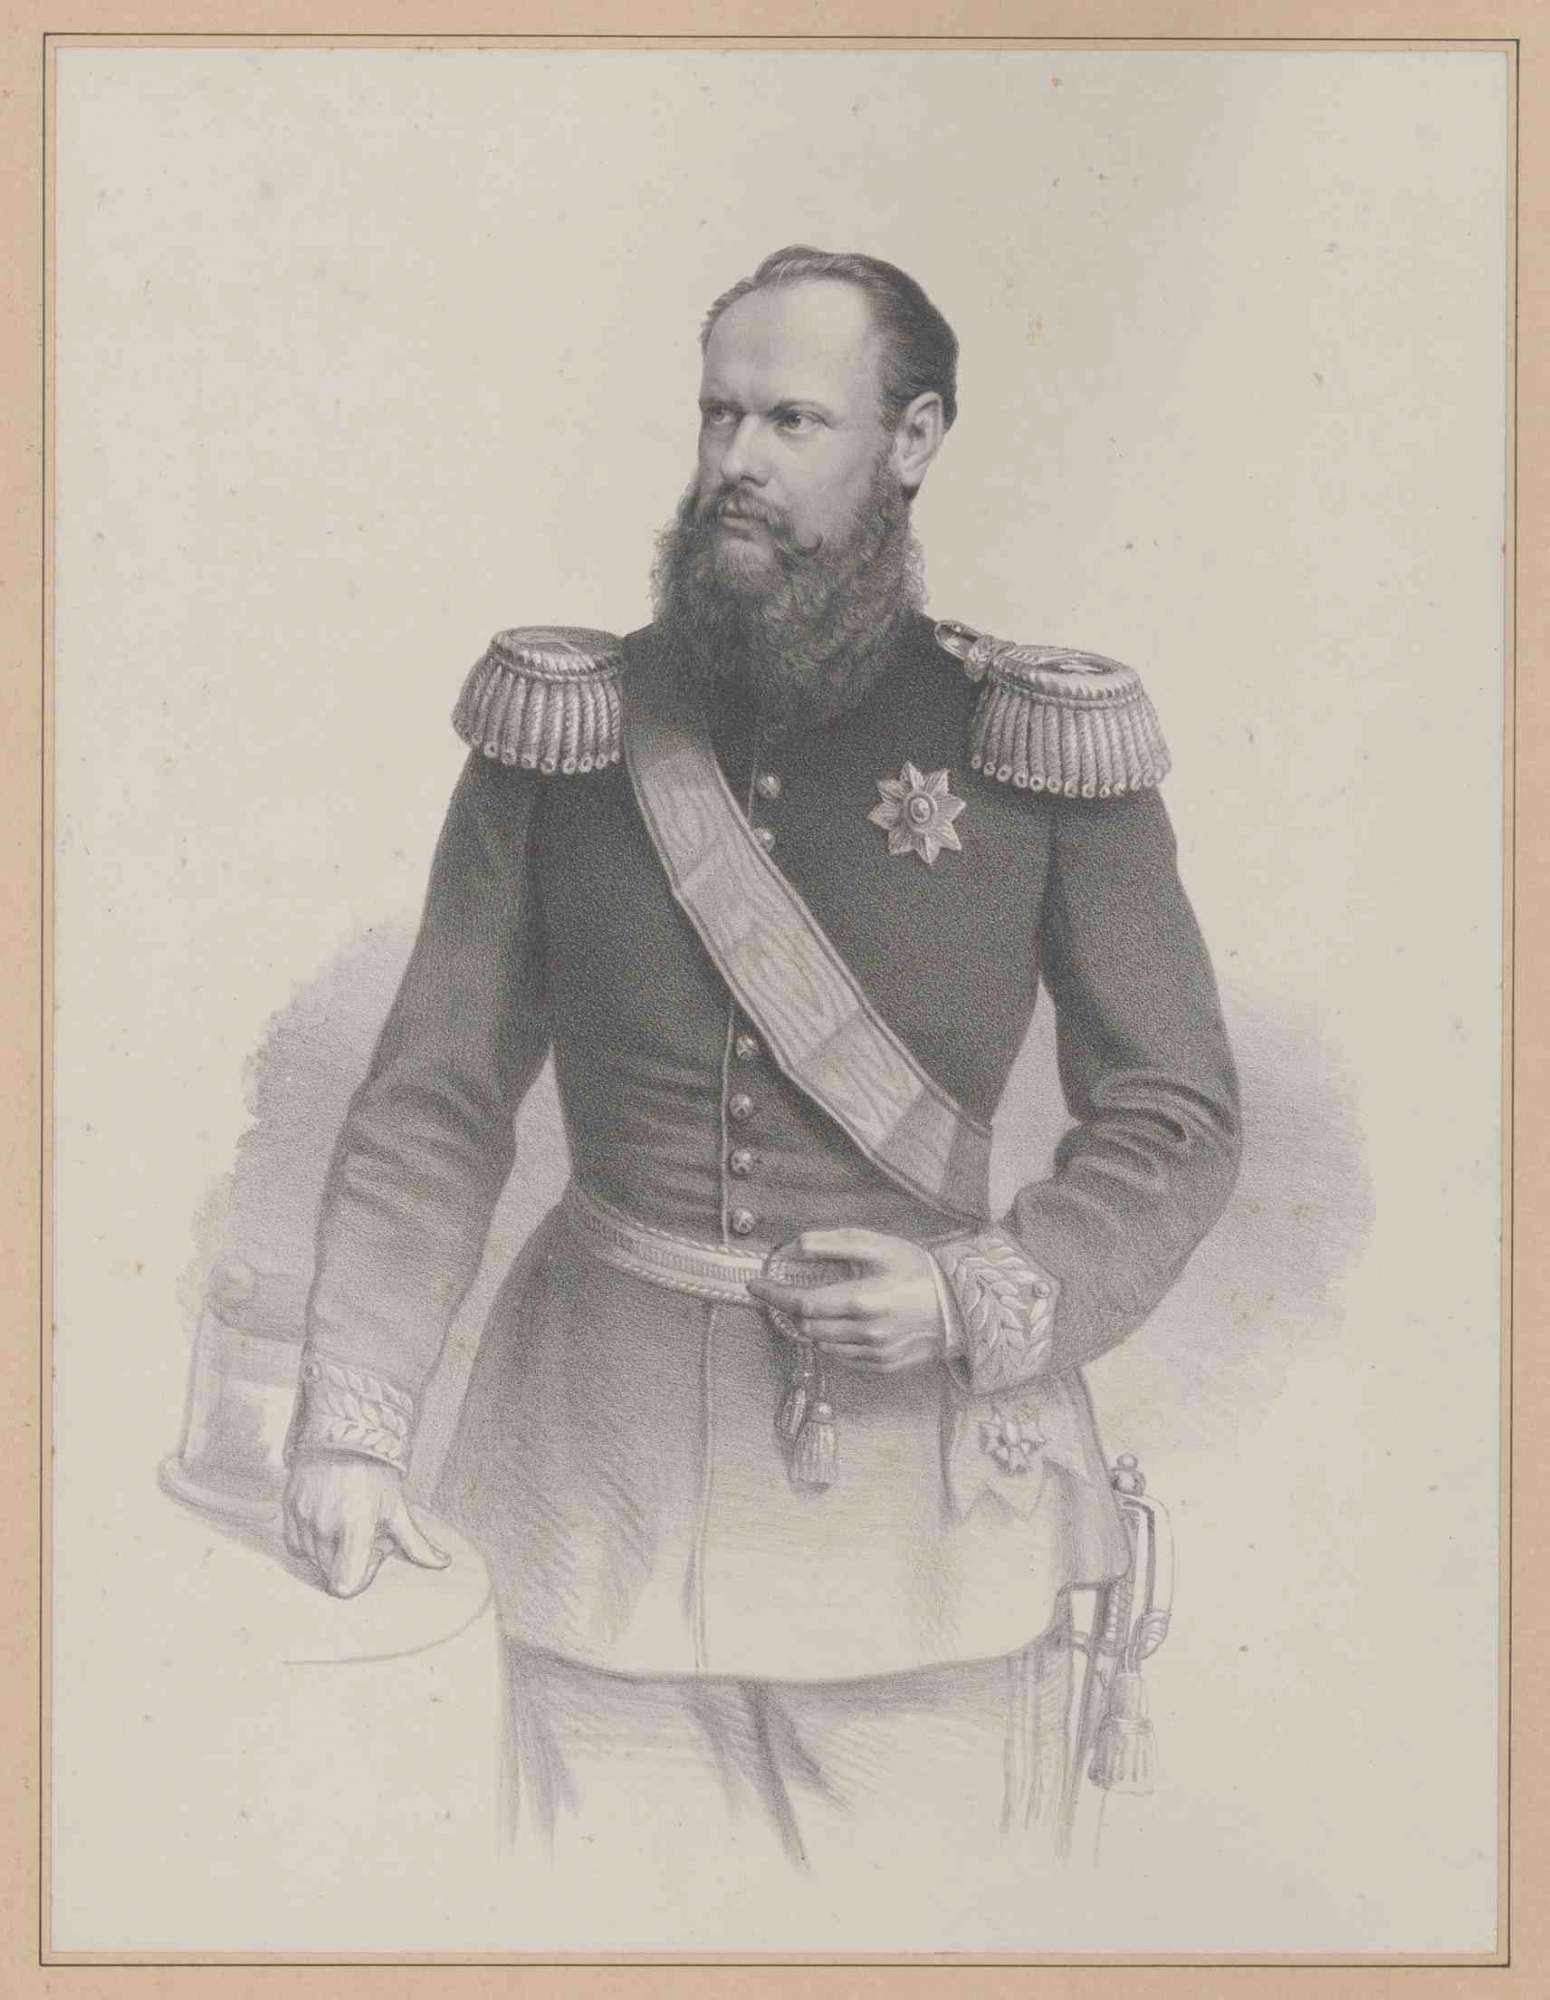 Karl, König von Württemberg, als Kronprinz, in Galauniform mit dem Großkreuz des Ordens der württembergischen Krone, stehend, Brustbild in Halbprofil, Bild 1